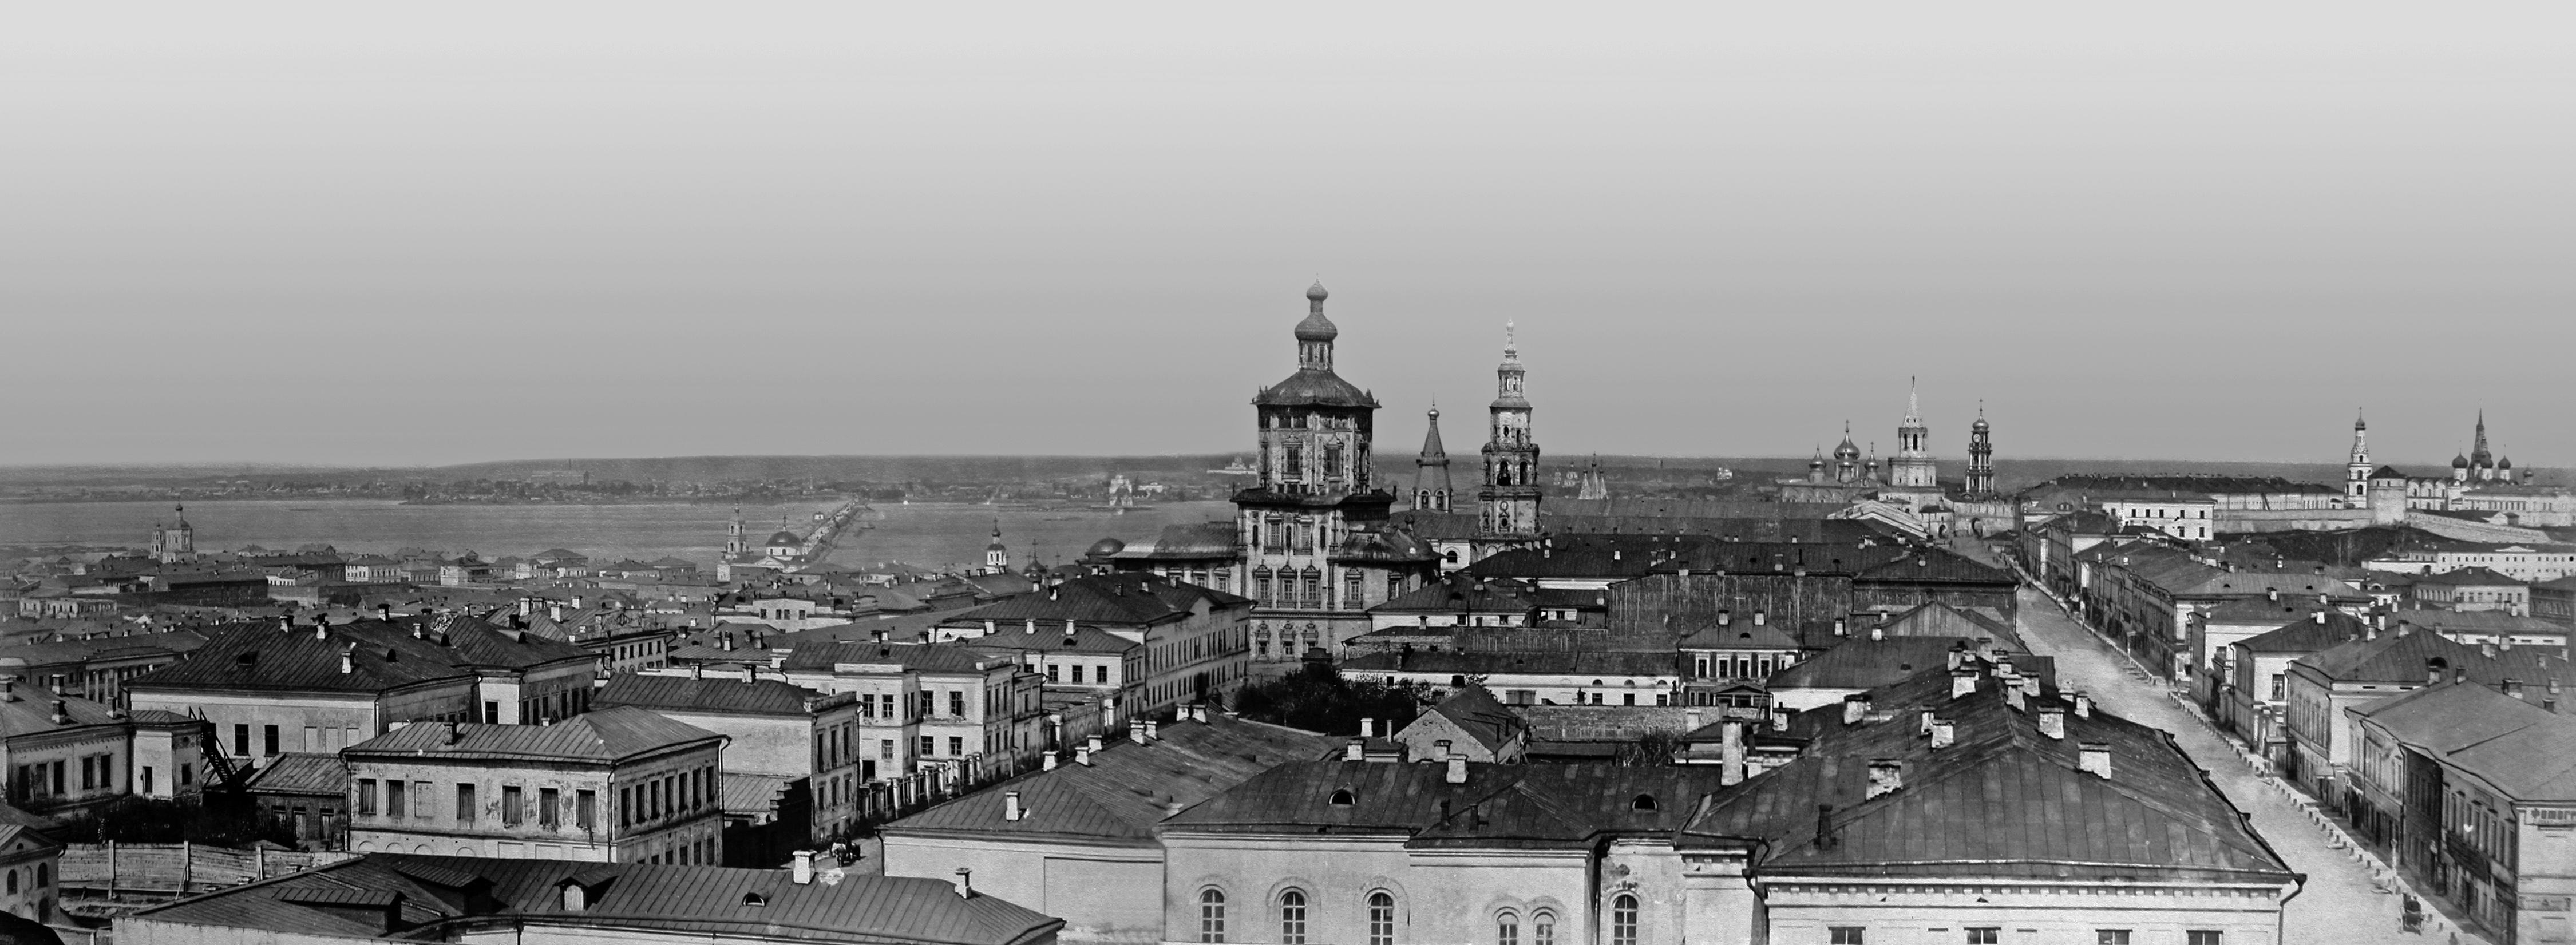 1870. Вид с Пожарной каланчи на Воскресенскую улицу и Петропавловский переулок